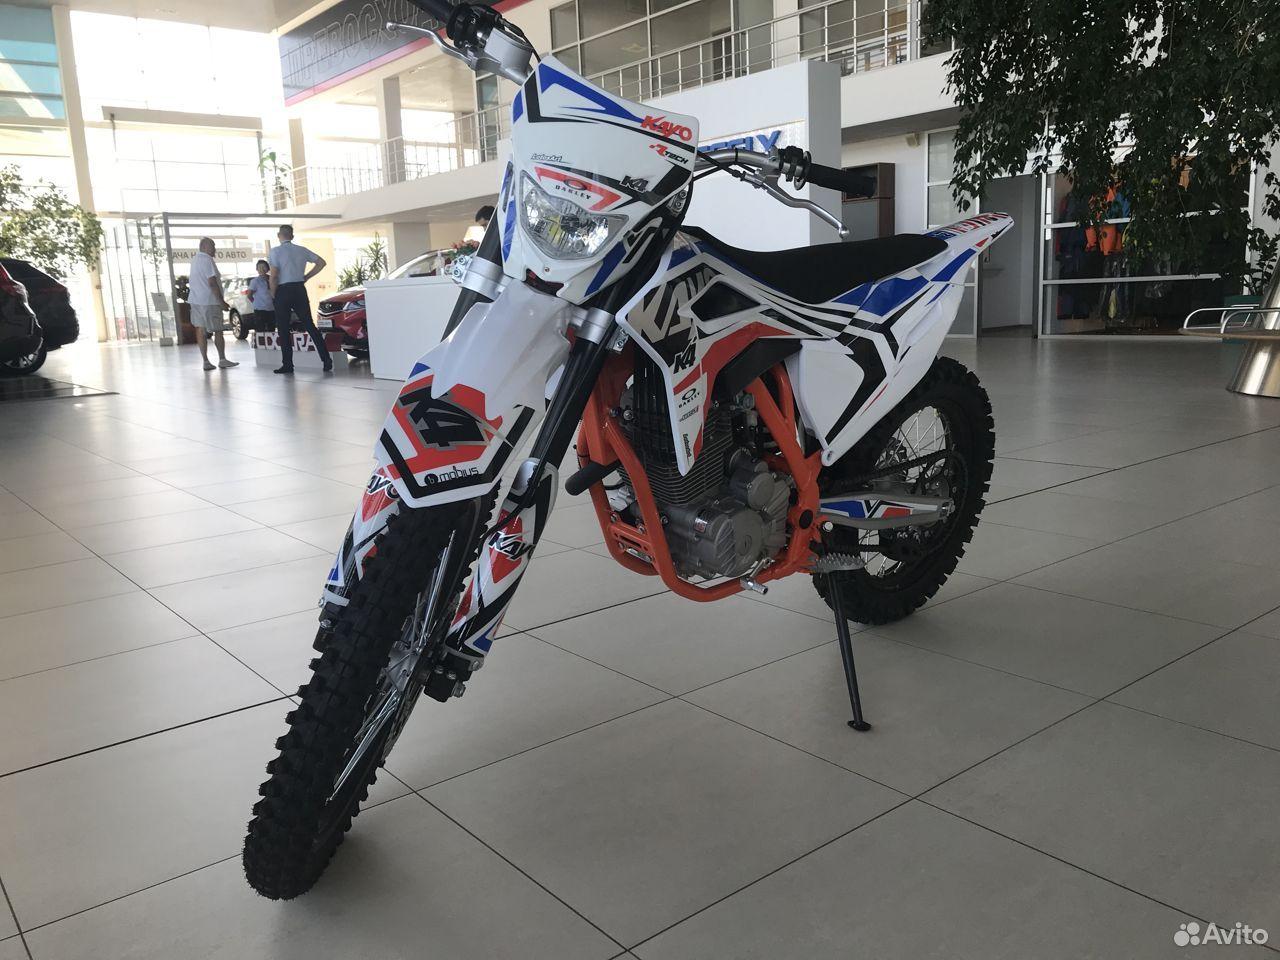 Мотоцикл kayo K4 MX 21/18 (2020 г.)  88792225000 купить 2